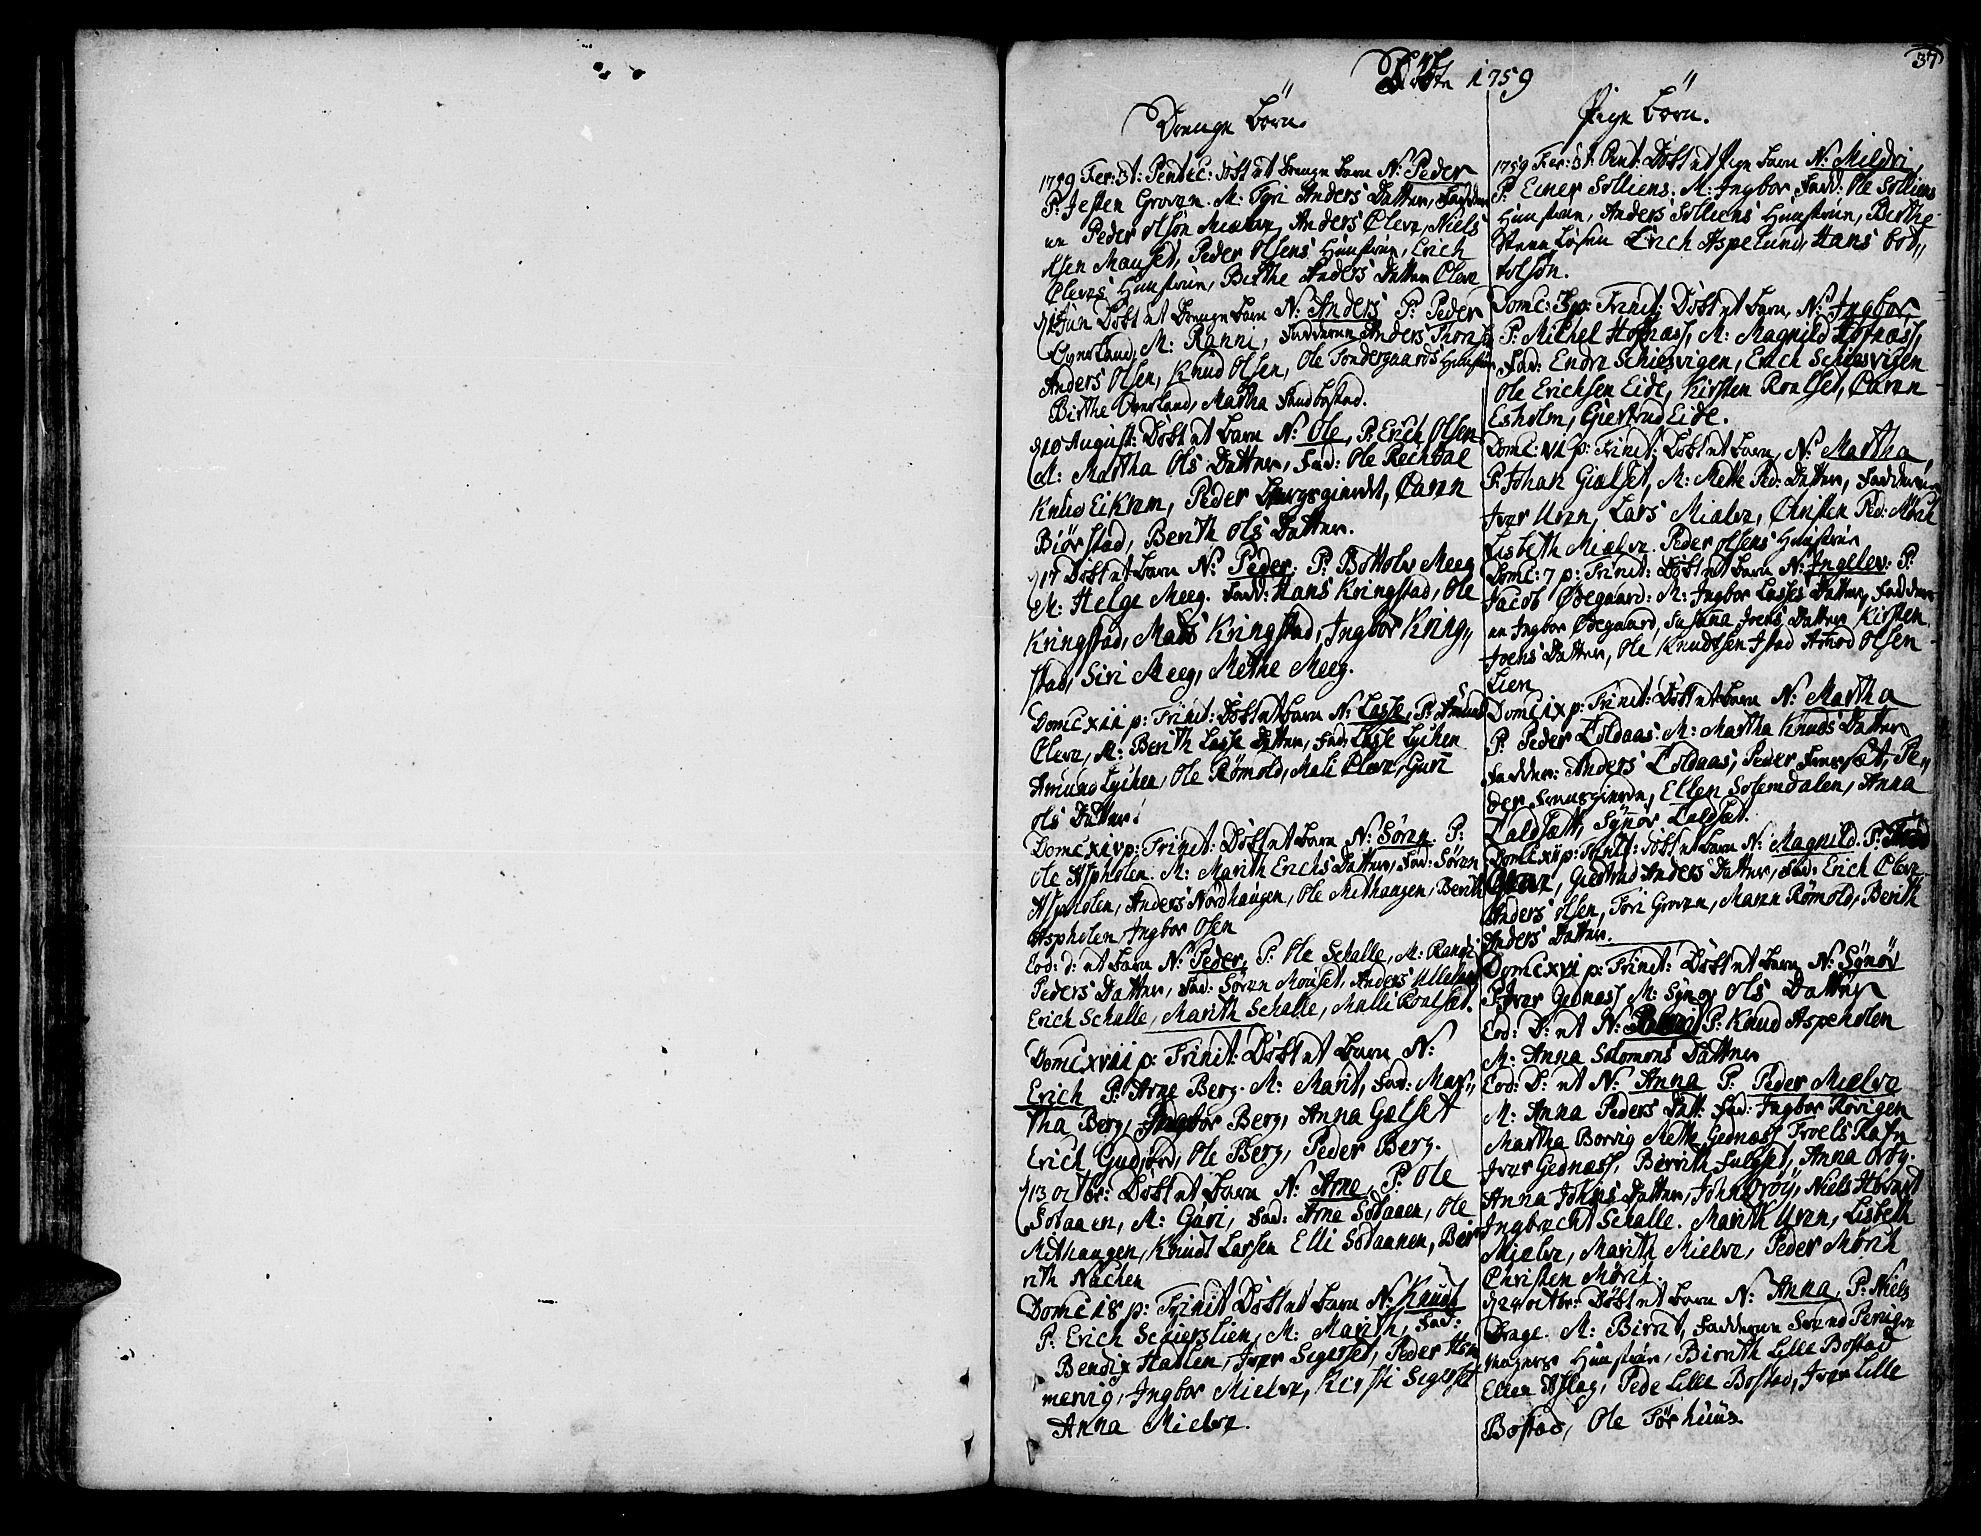 SAT, Ministerialprotokoller, klokkerbøker og fødselsregistre - Møre og Romsdal, 555/L0648: Ministerialbok nr. 555A01, 1759-1793, s. 37